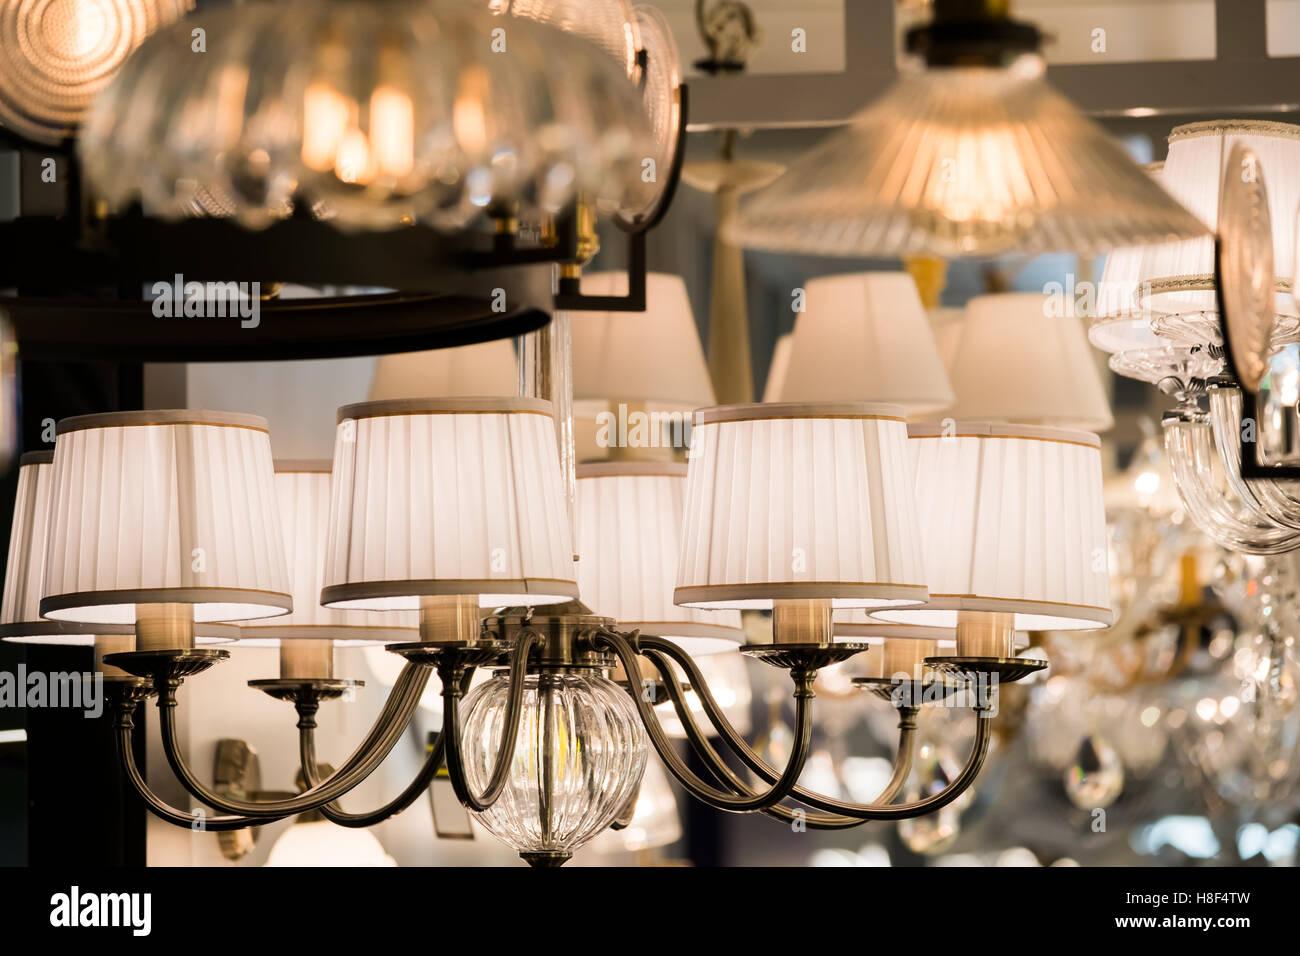 Diversi lampadari in un negozio di illuminazione foto & immagine